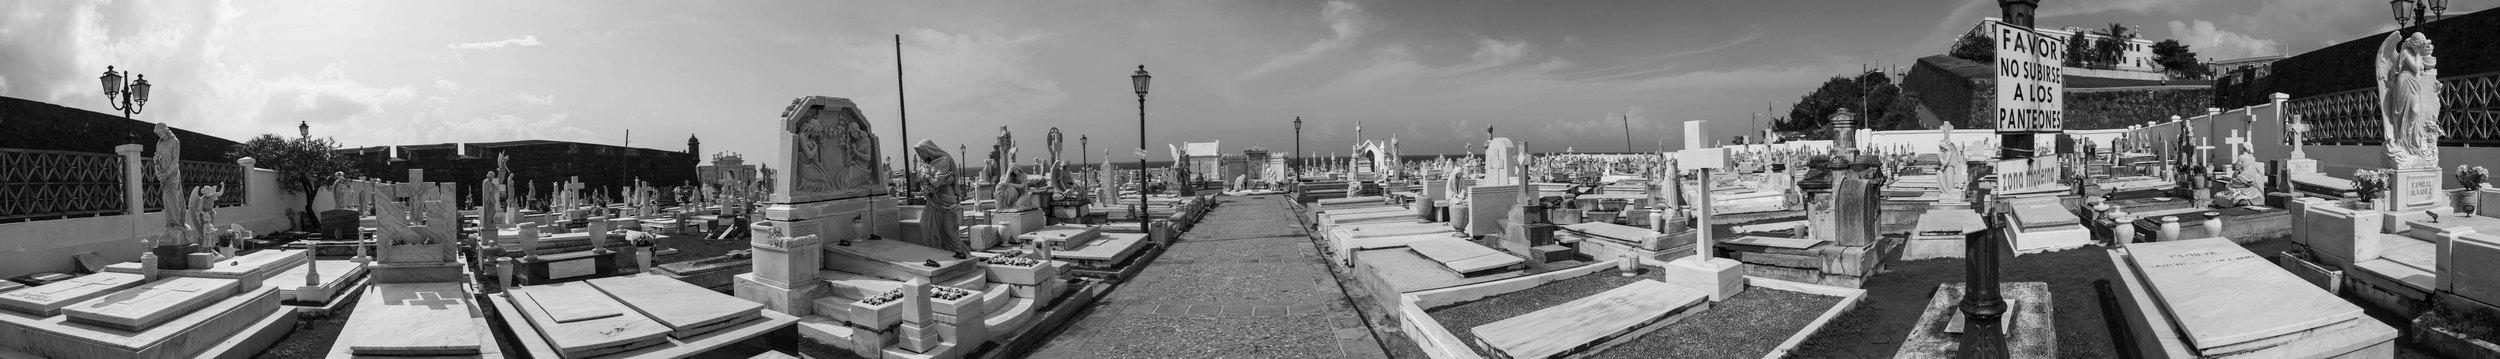 Cementerio Santa María Magdalena de Pazzis (Old San Juan, Puerto Rico)